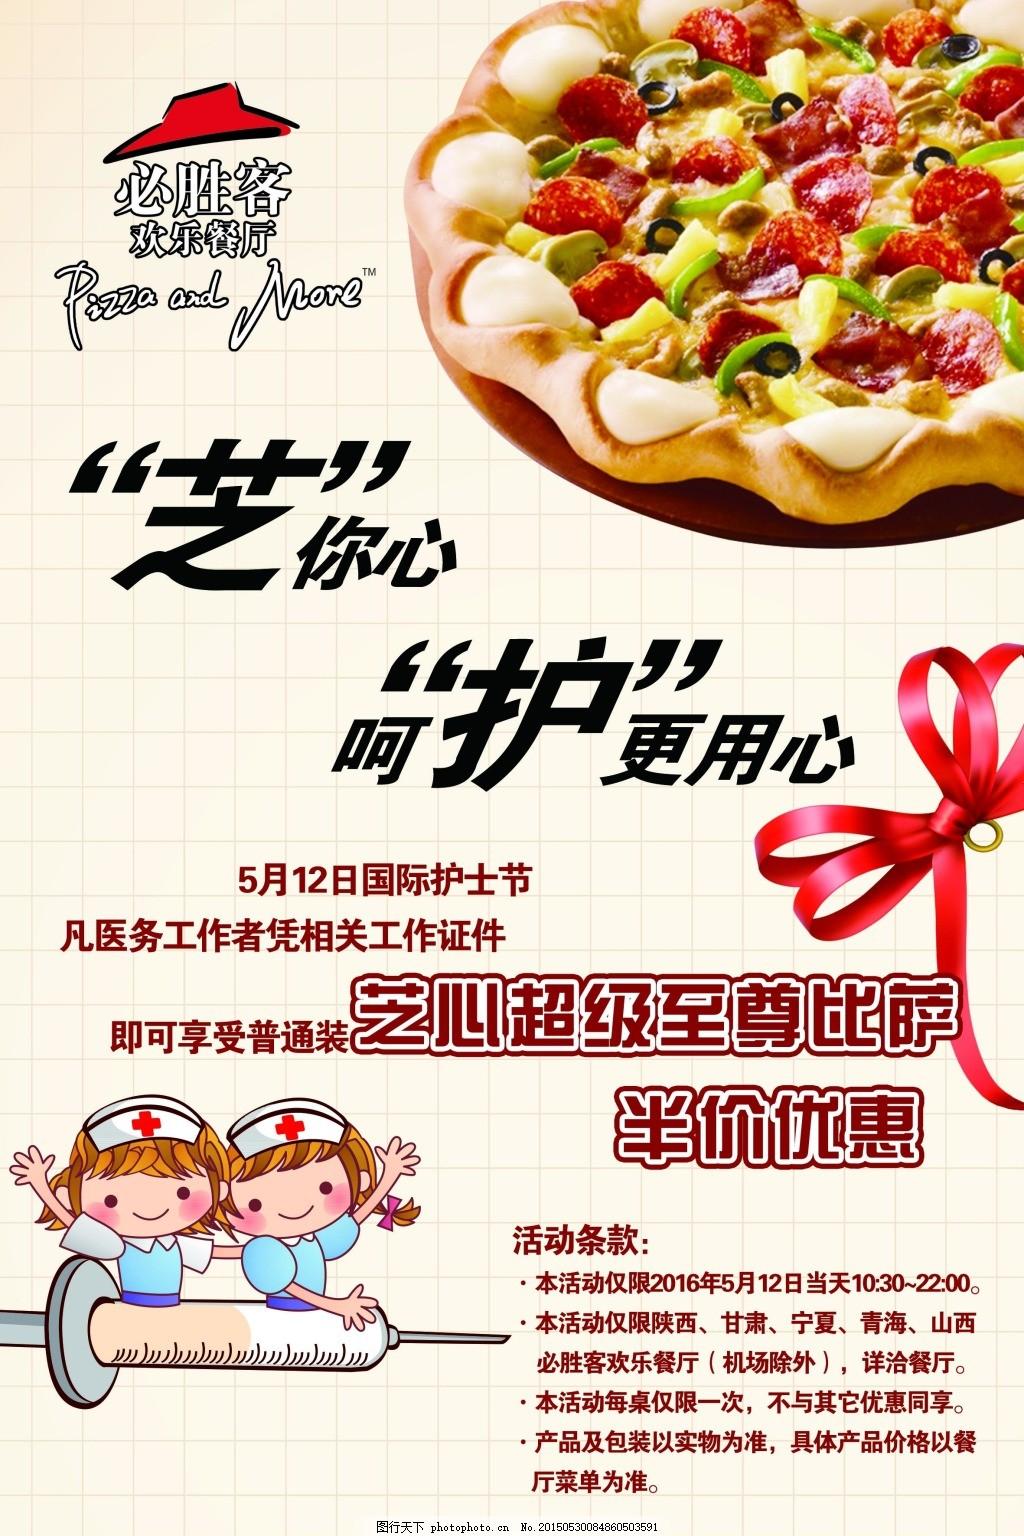 必胜客披萨海报图片